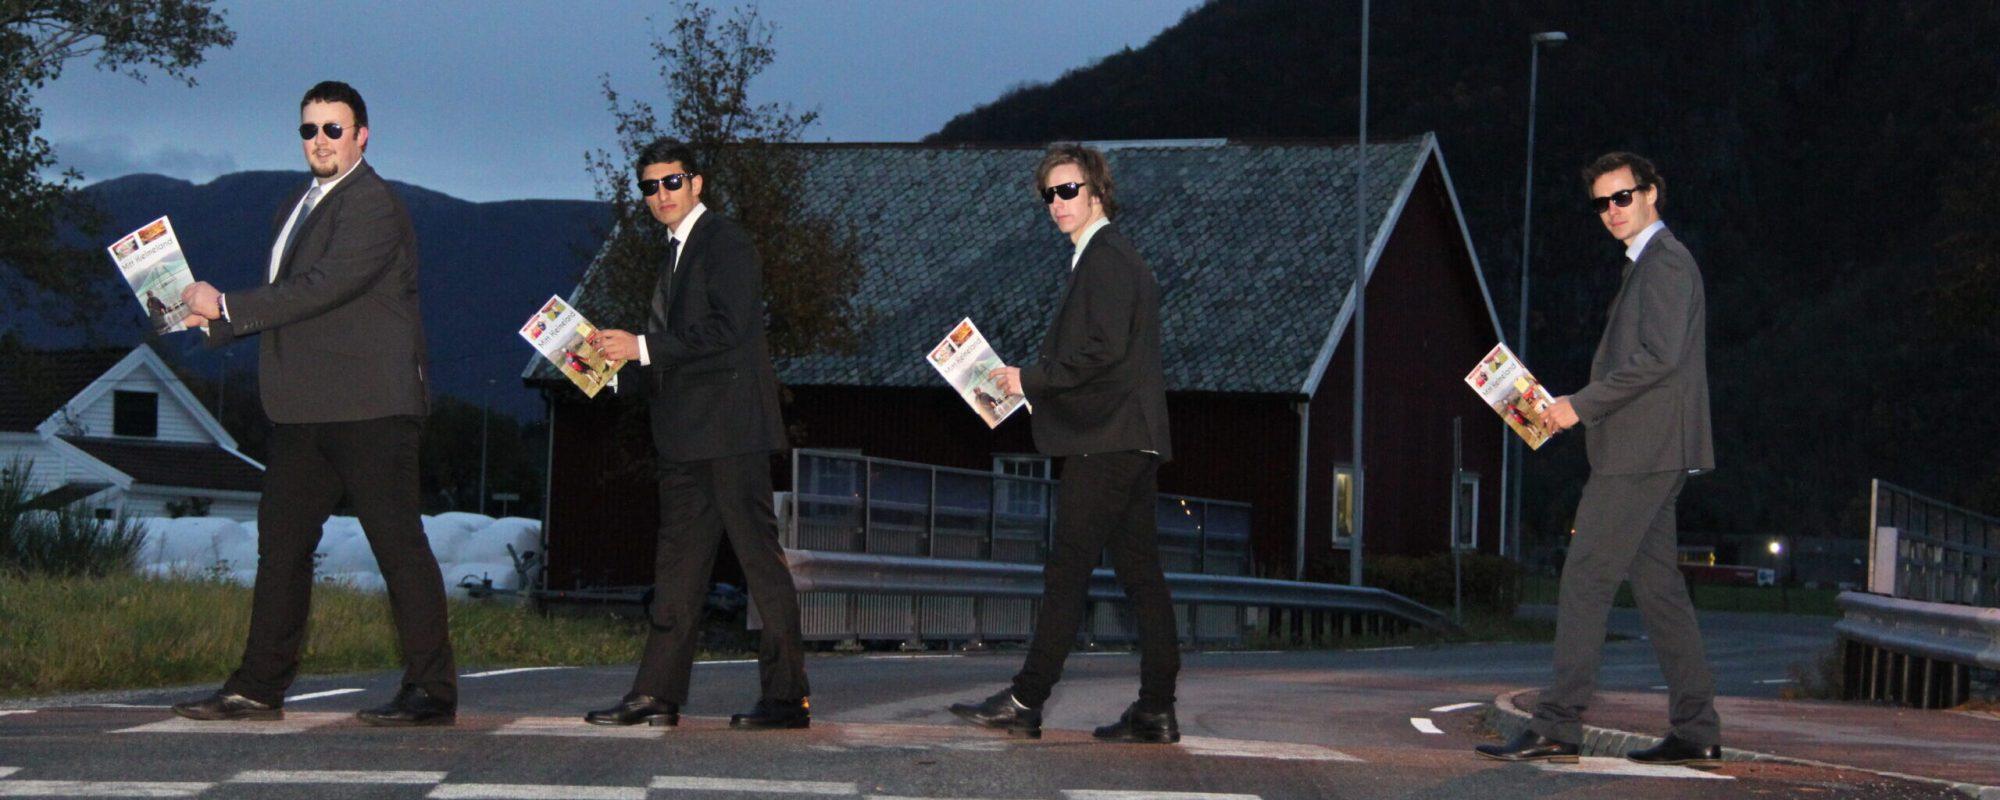 JOURNALISTAR: Morten Hetland, Nazir Safi, Geir Magne Staurland og Vegard Terøy var journalistar i Mitt Hjelmeland, medan Mitt Hjelmeland blei drive som lokalmagasin. (Foto: Mitt Hjelmeland)